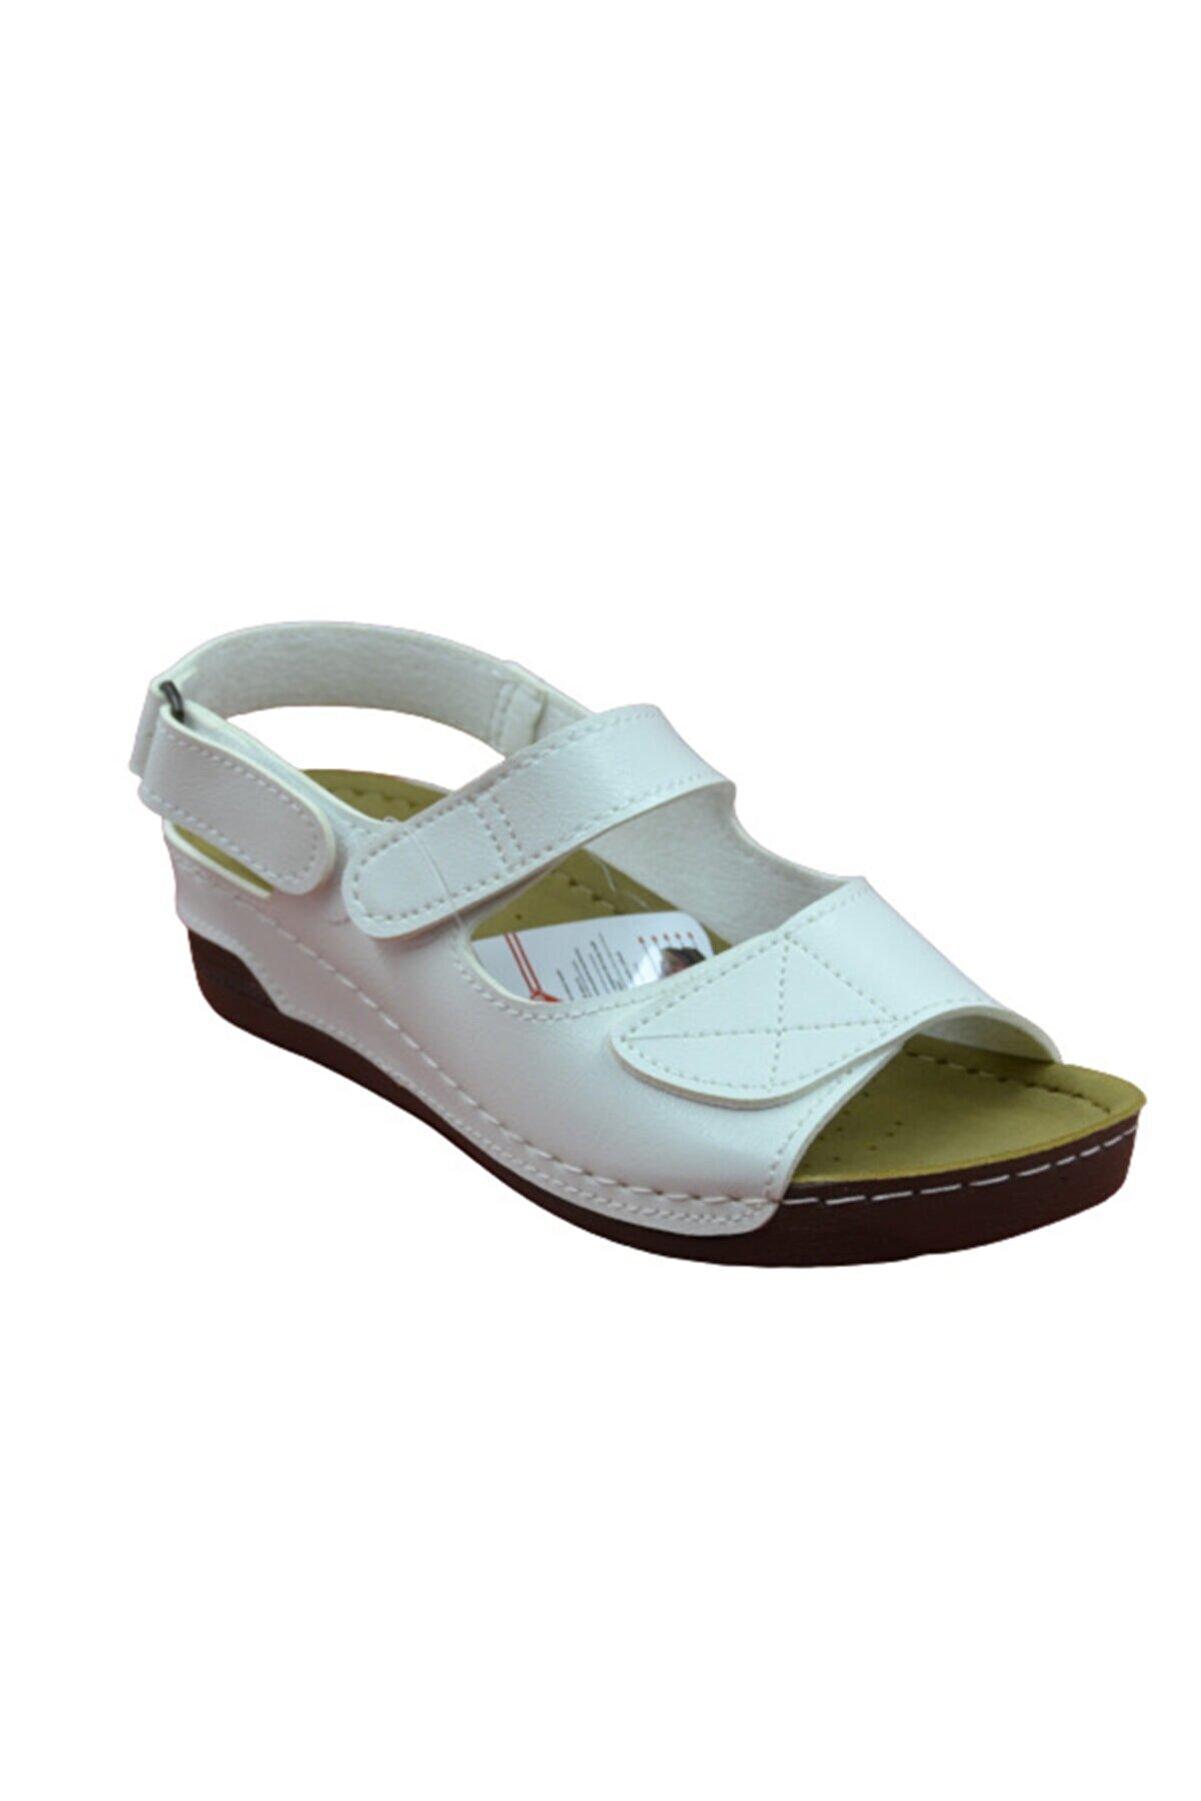 ARYAN Kadın Beyaz Günlük Cırtlı Anatomik Sandalet 02-010